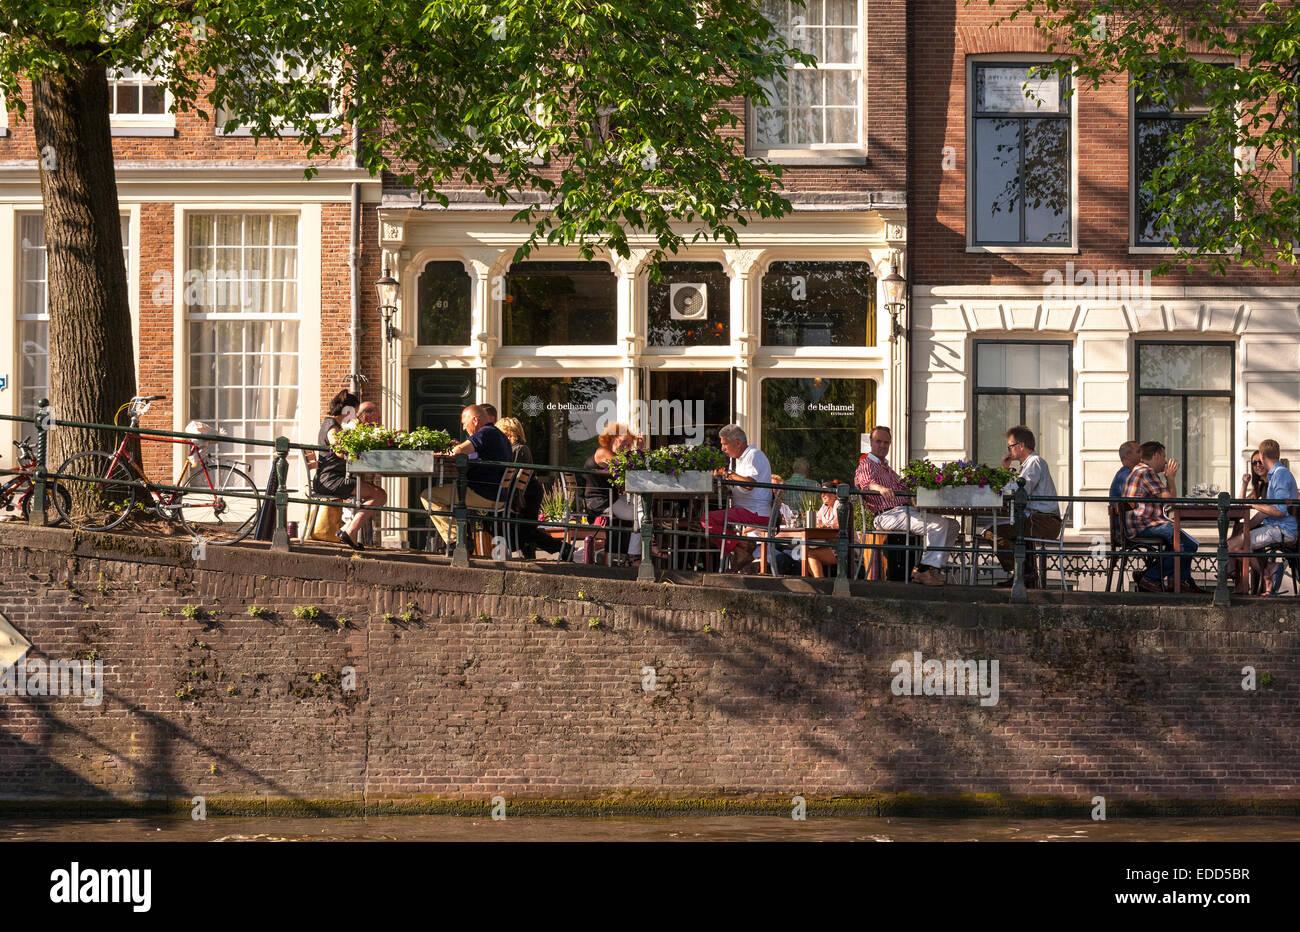 Restaurant De Belhamel auf der Brouwersgracht Canal alfresco Restaurant Terrasse mit Blick auf die Herengracht Amsterdam Stockfoto